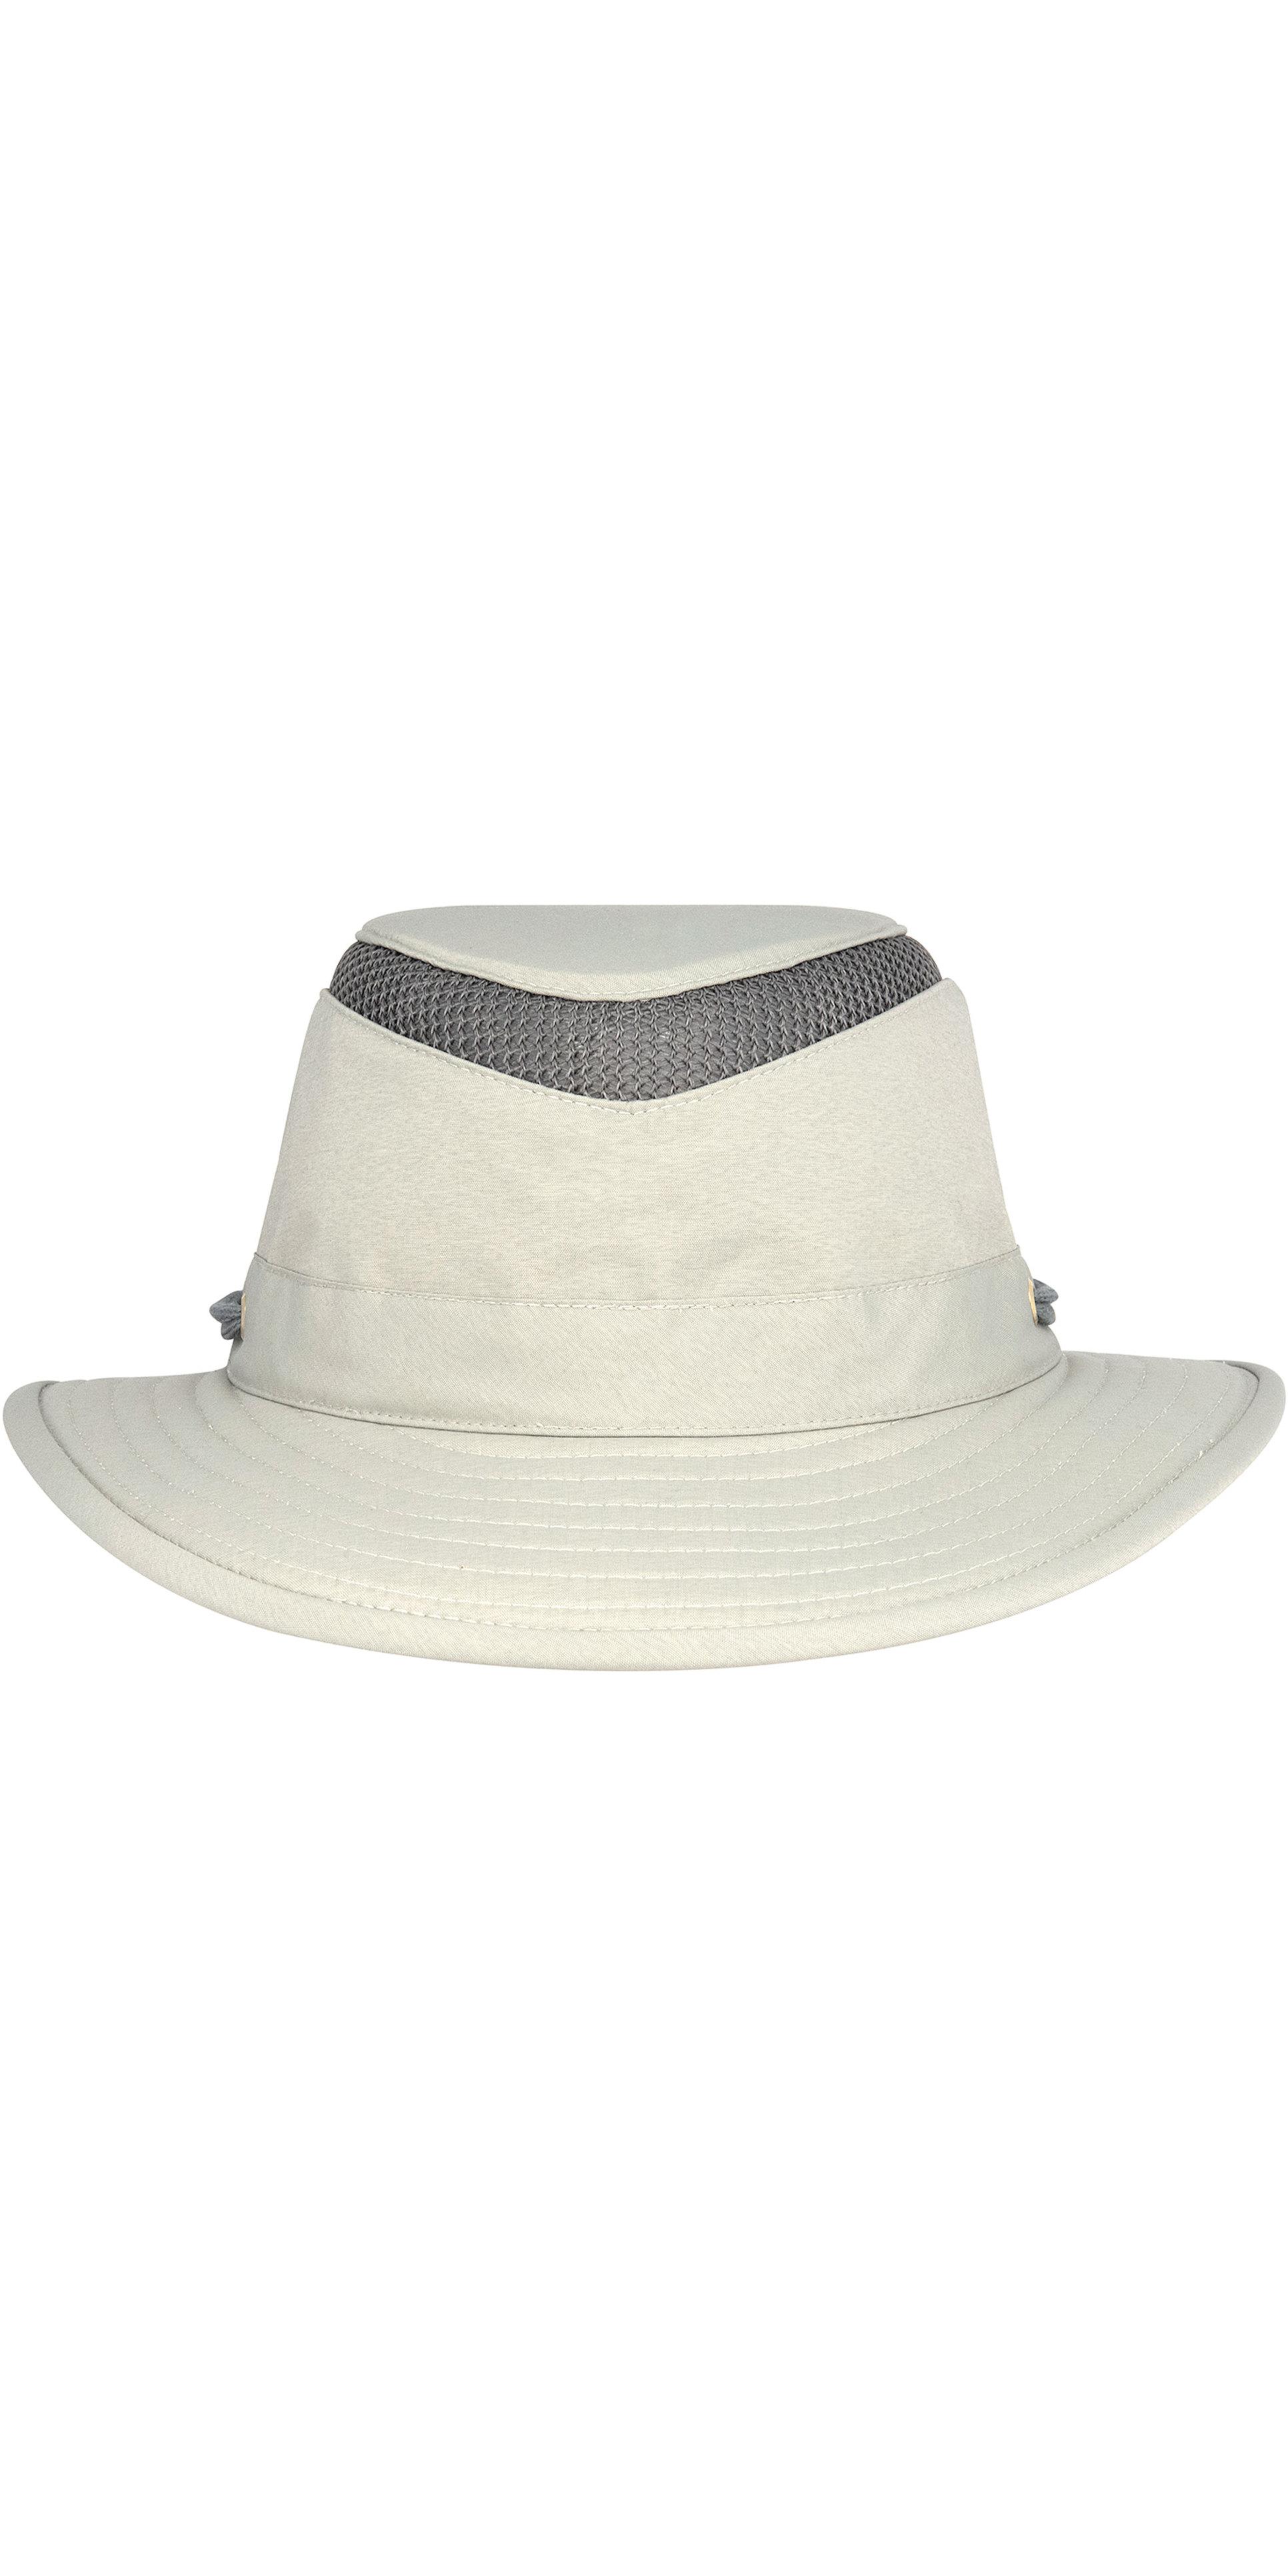 6424e932c 2019 Tilley LTM5 AIRFLO Brimmed Hat Rock Face